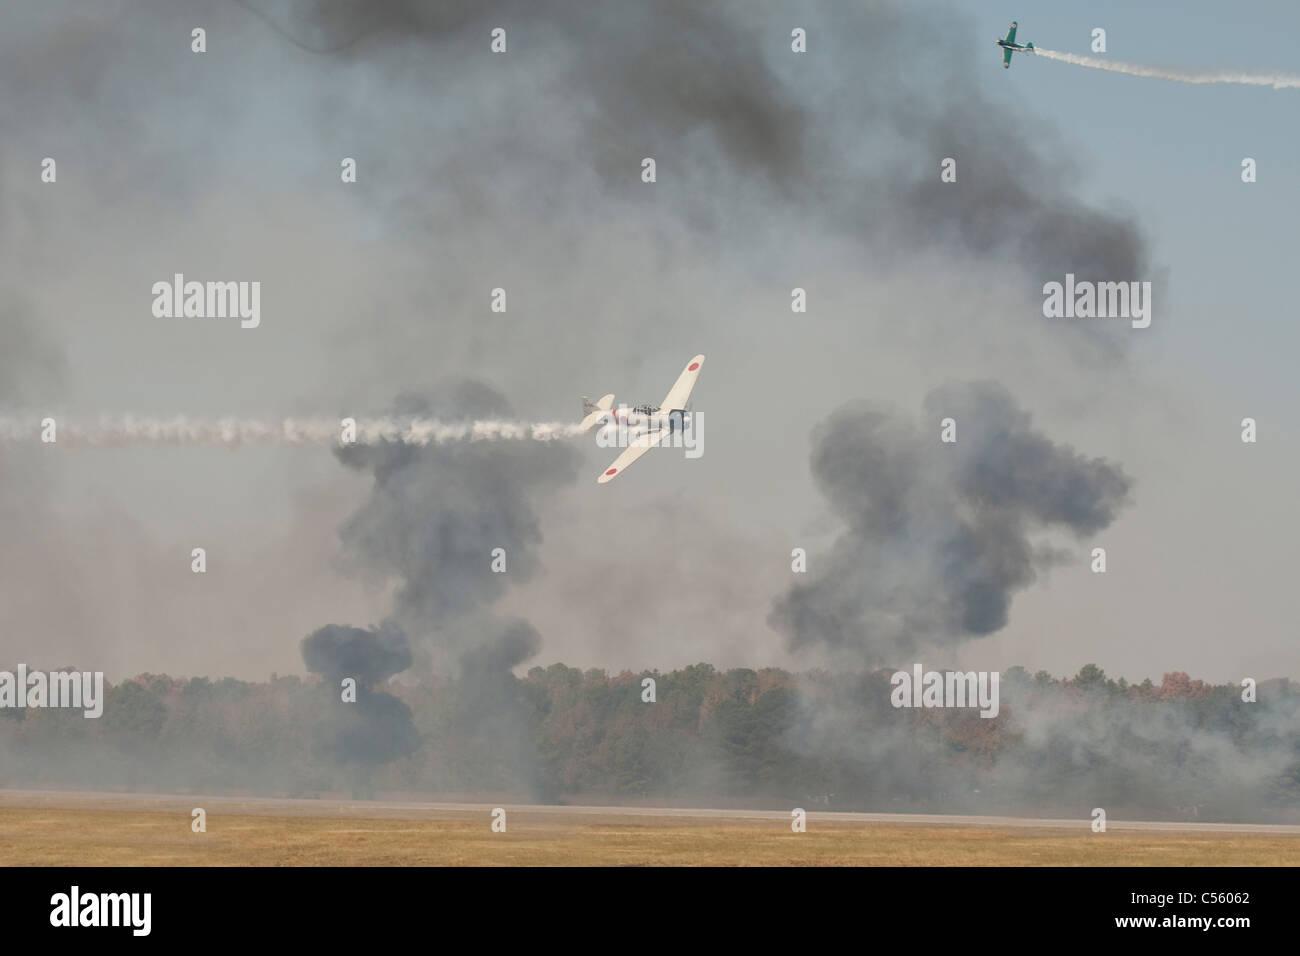 Mitsubishi A6M Zero demonstrating at an airshow, Arkansas, USA - Stock Image